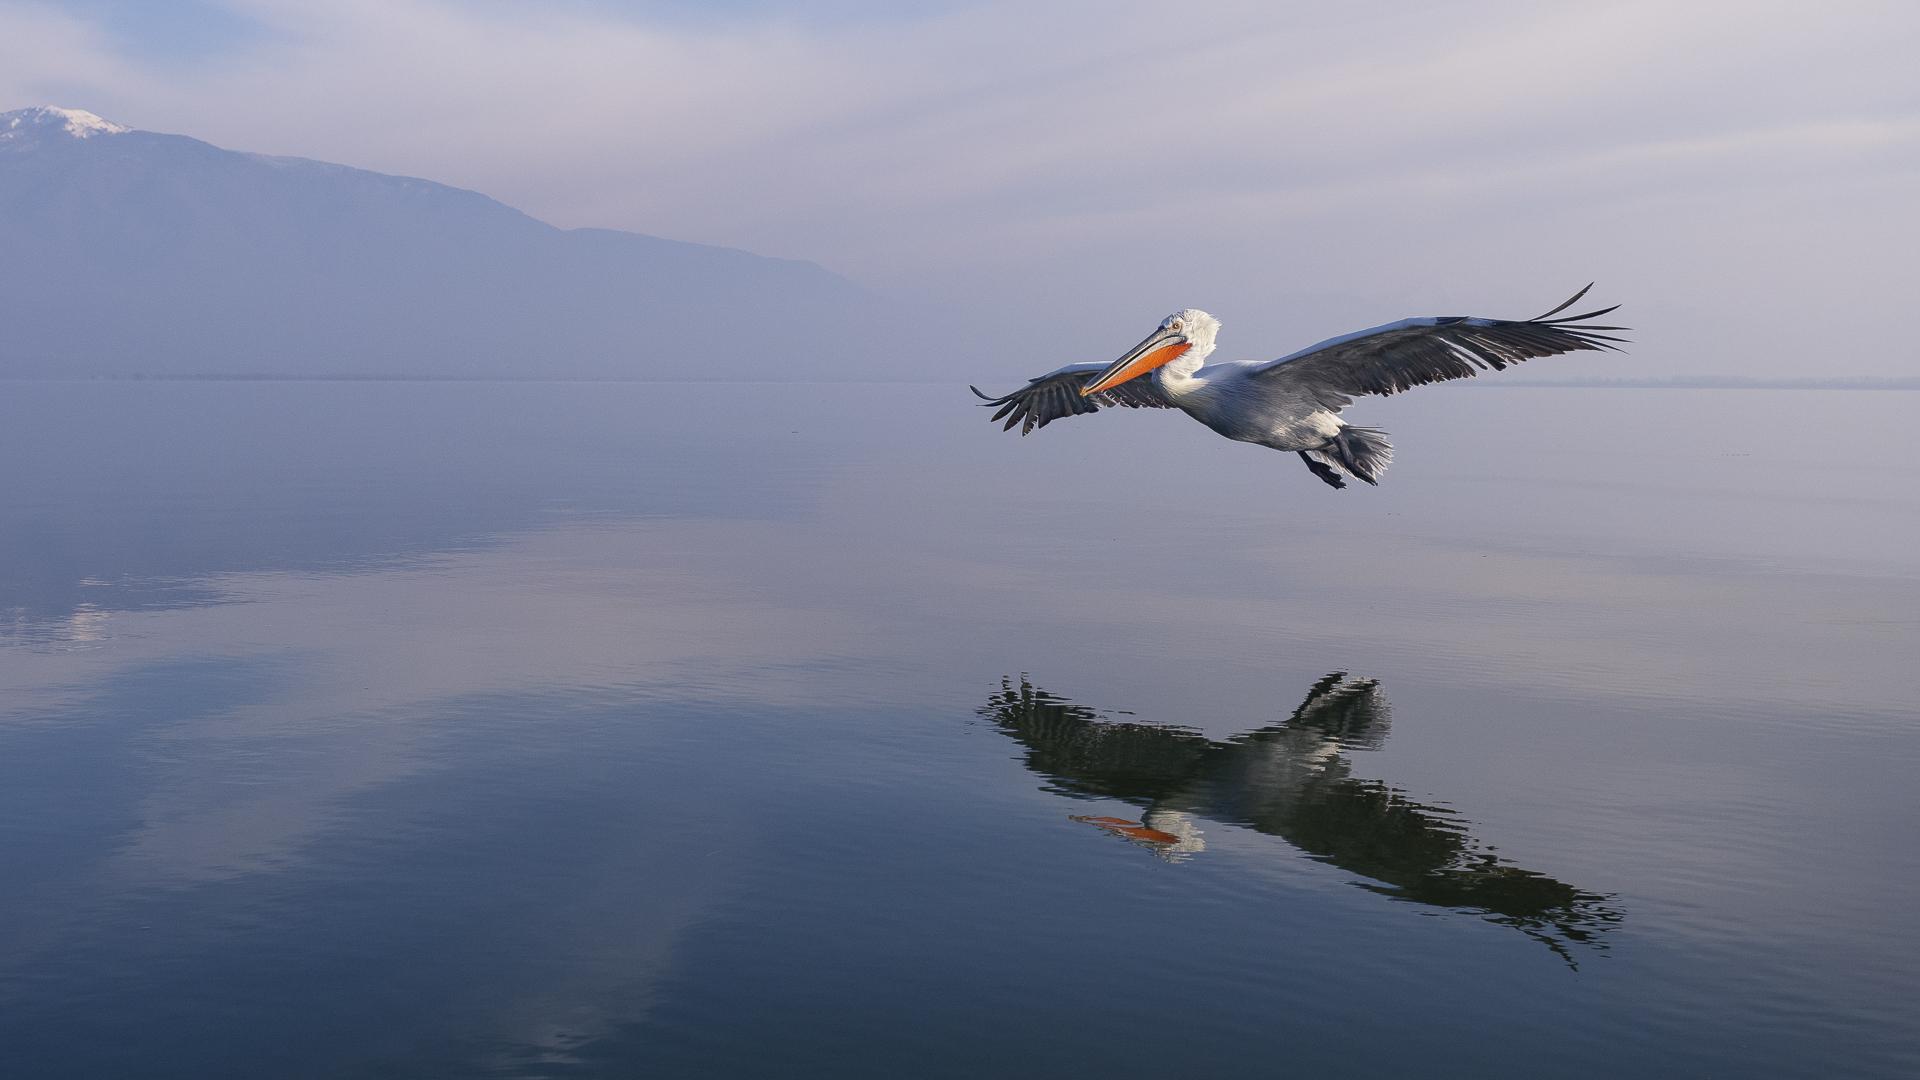 fotografia przyrodnicza Łukasz Bożycki